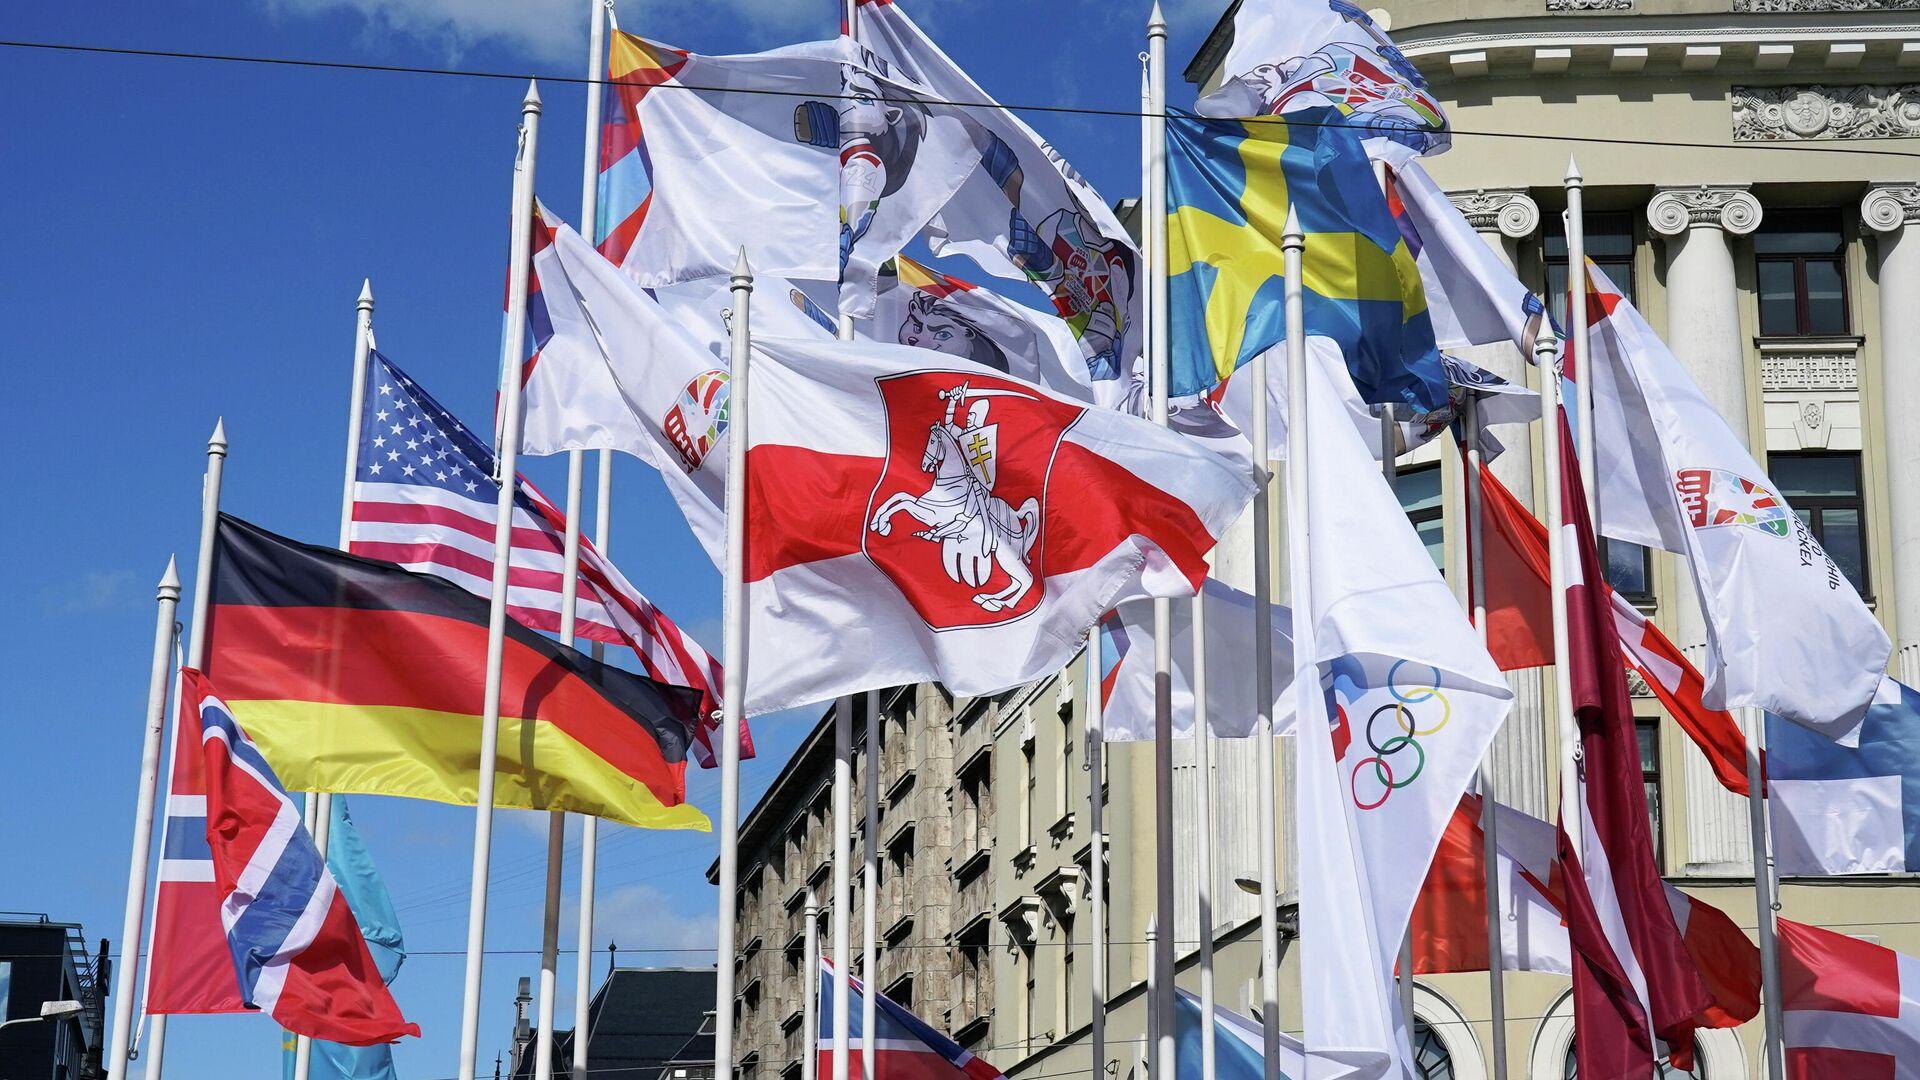 Флаги стран, которые представляют команды на Чемпионате мира по хоккею в Риге - РИА Новости, 1920, 24.05.2021